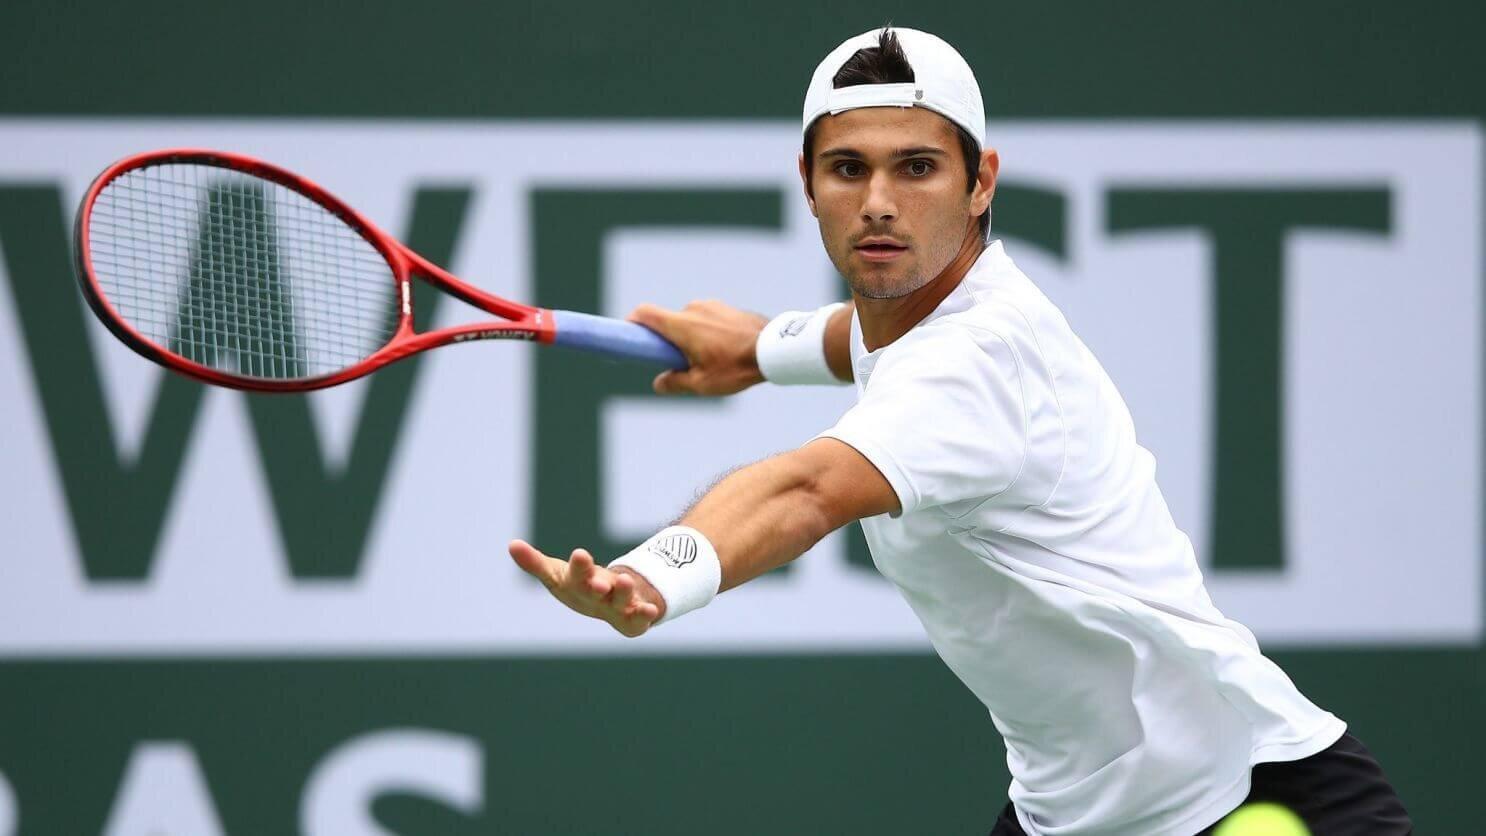 Προγνωστικά τένις με Indian Wells και δυάδα στο 3.34